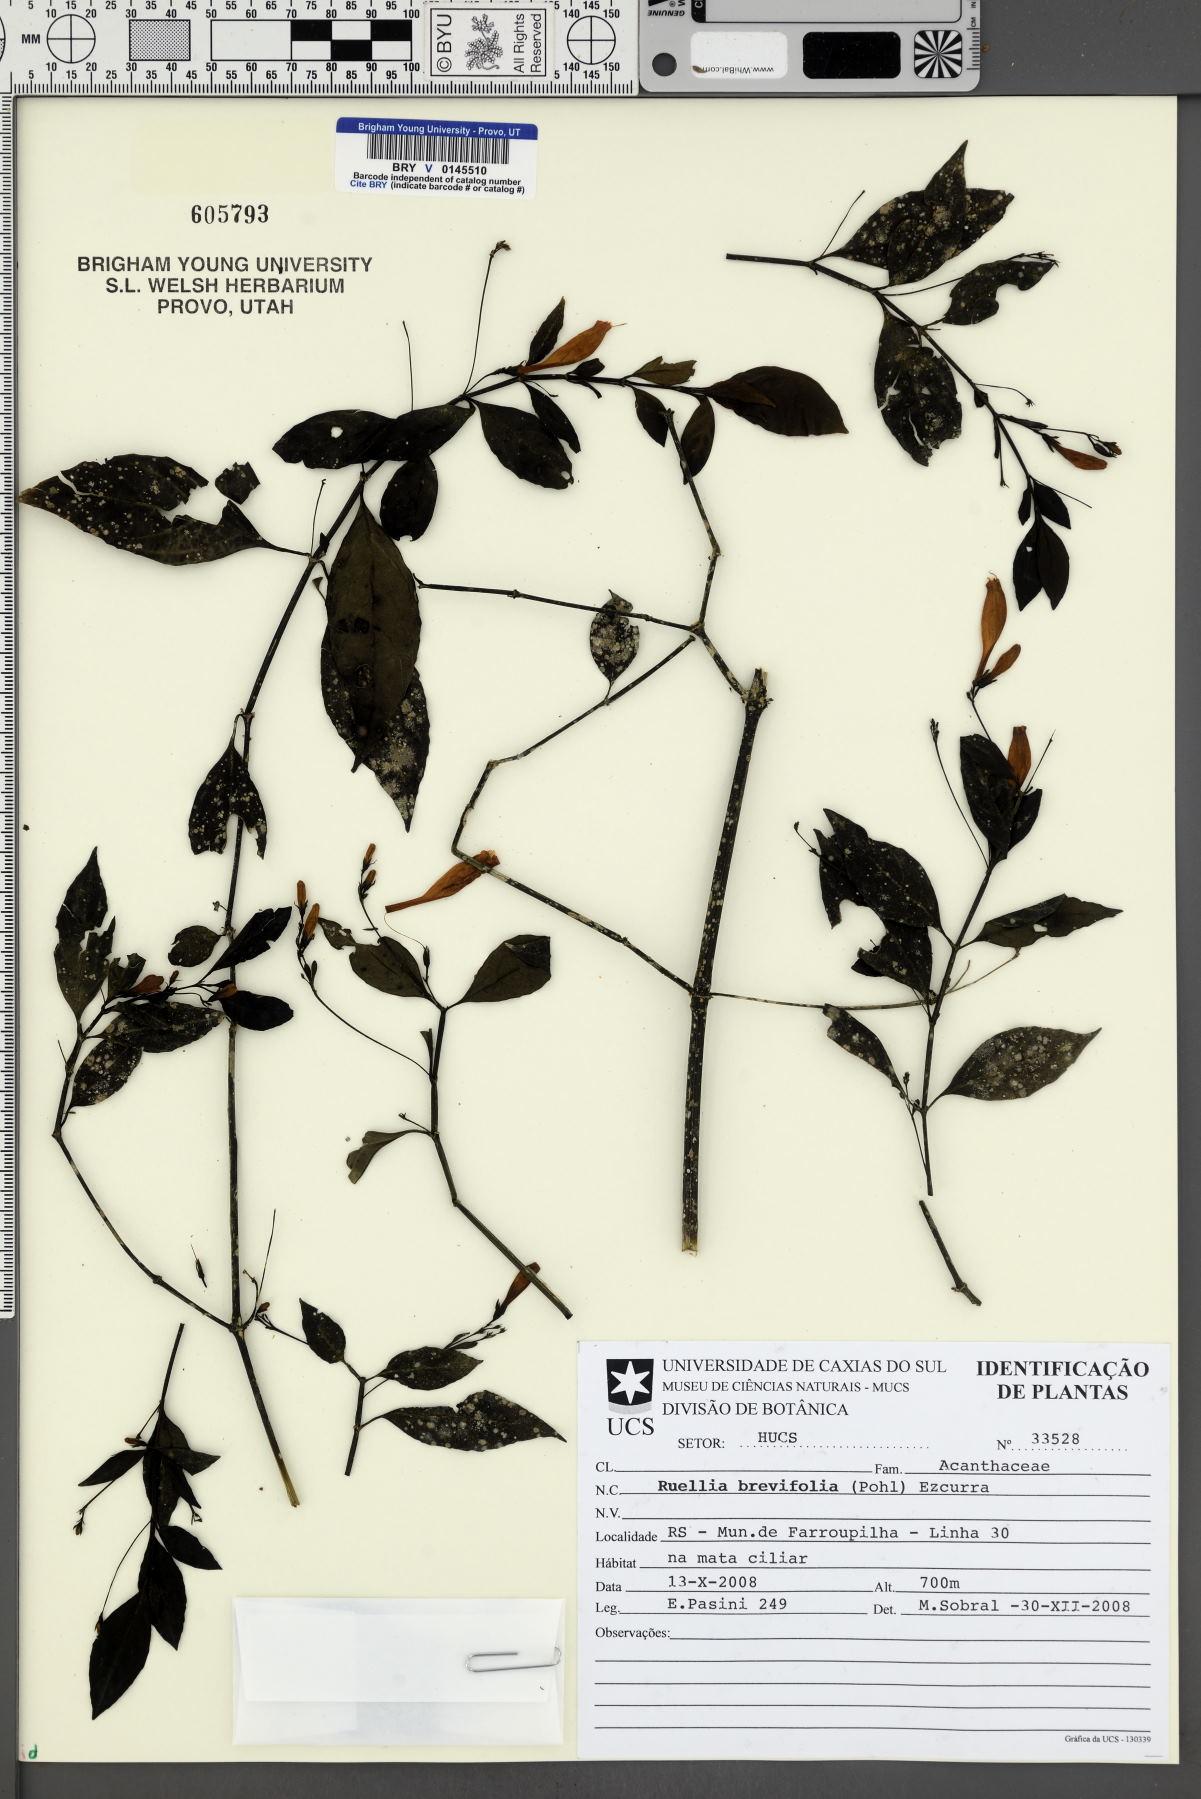 Ruellia brevifolia image